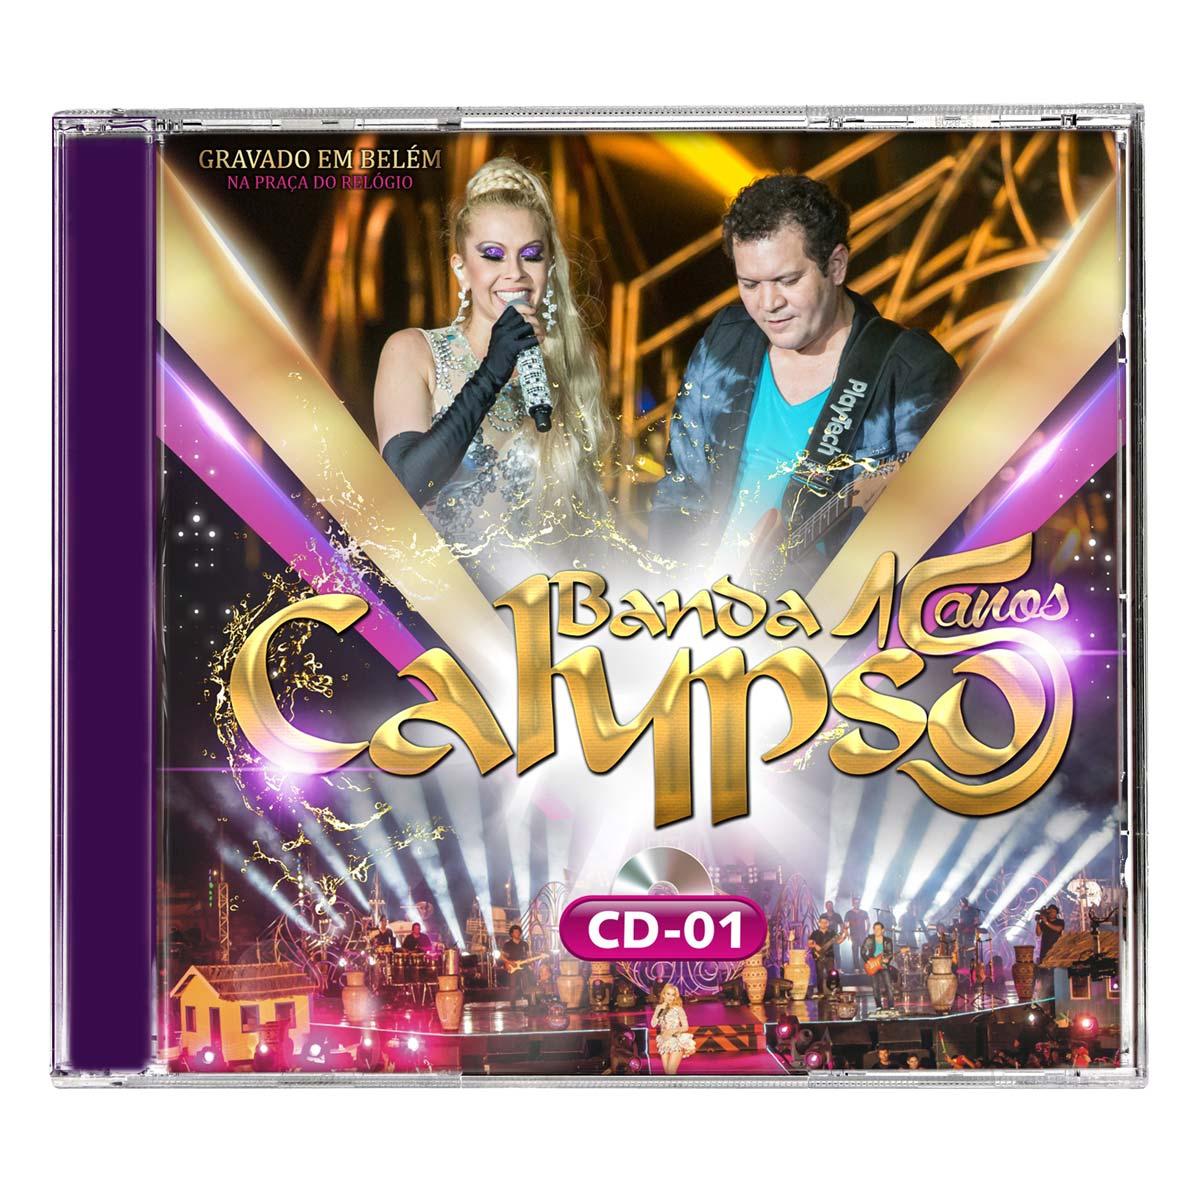 CD Calypso 15 Anos Vol.1